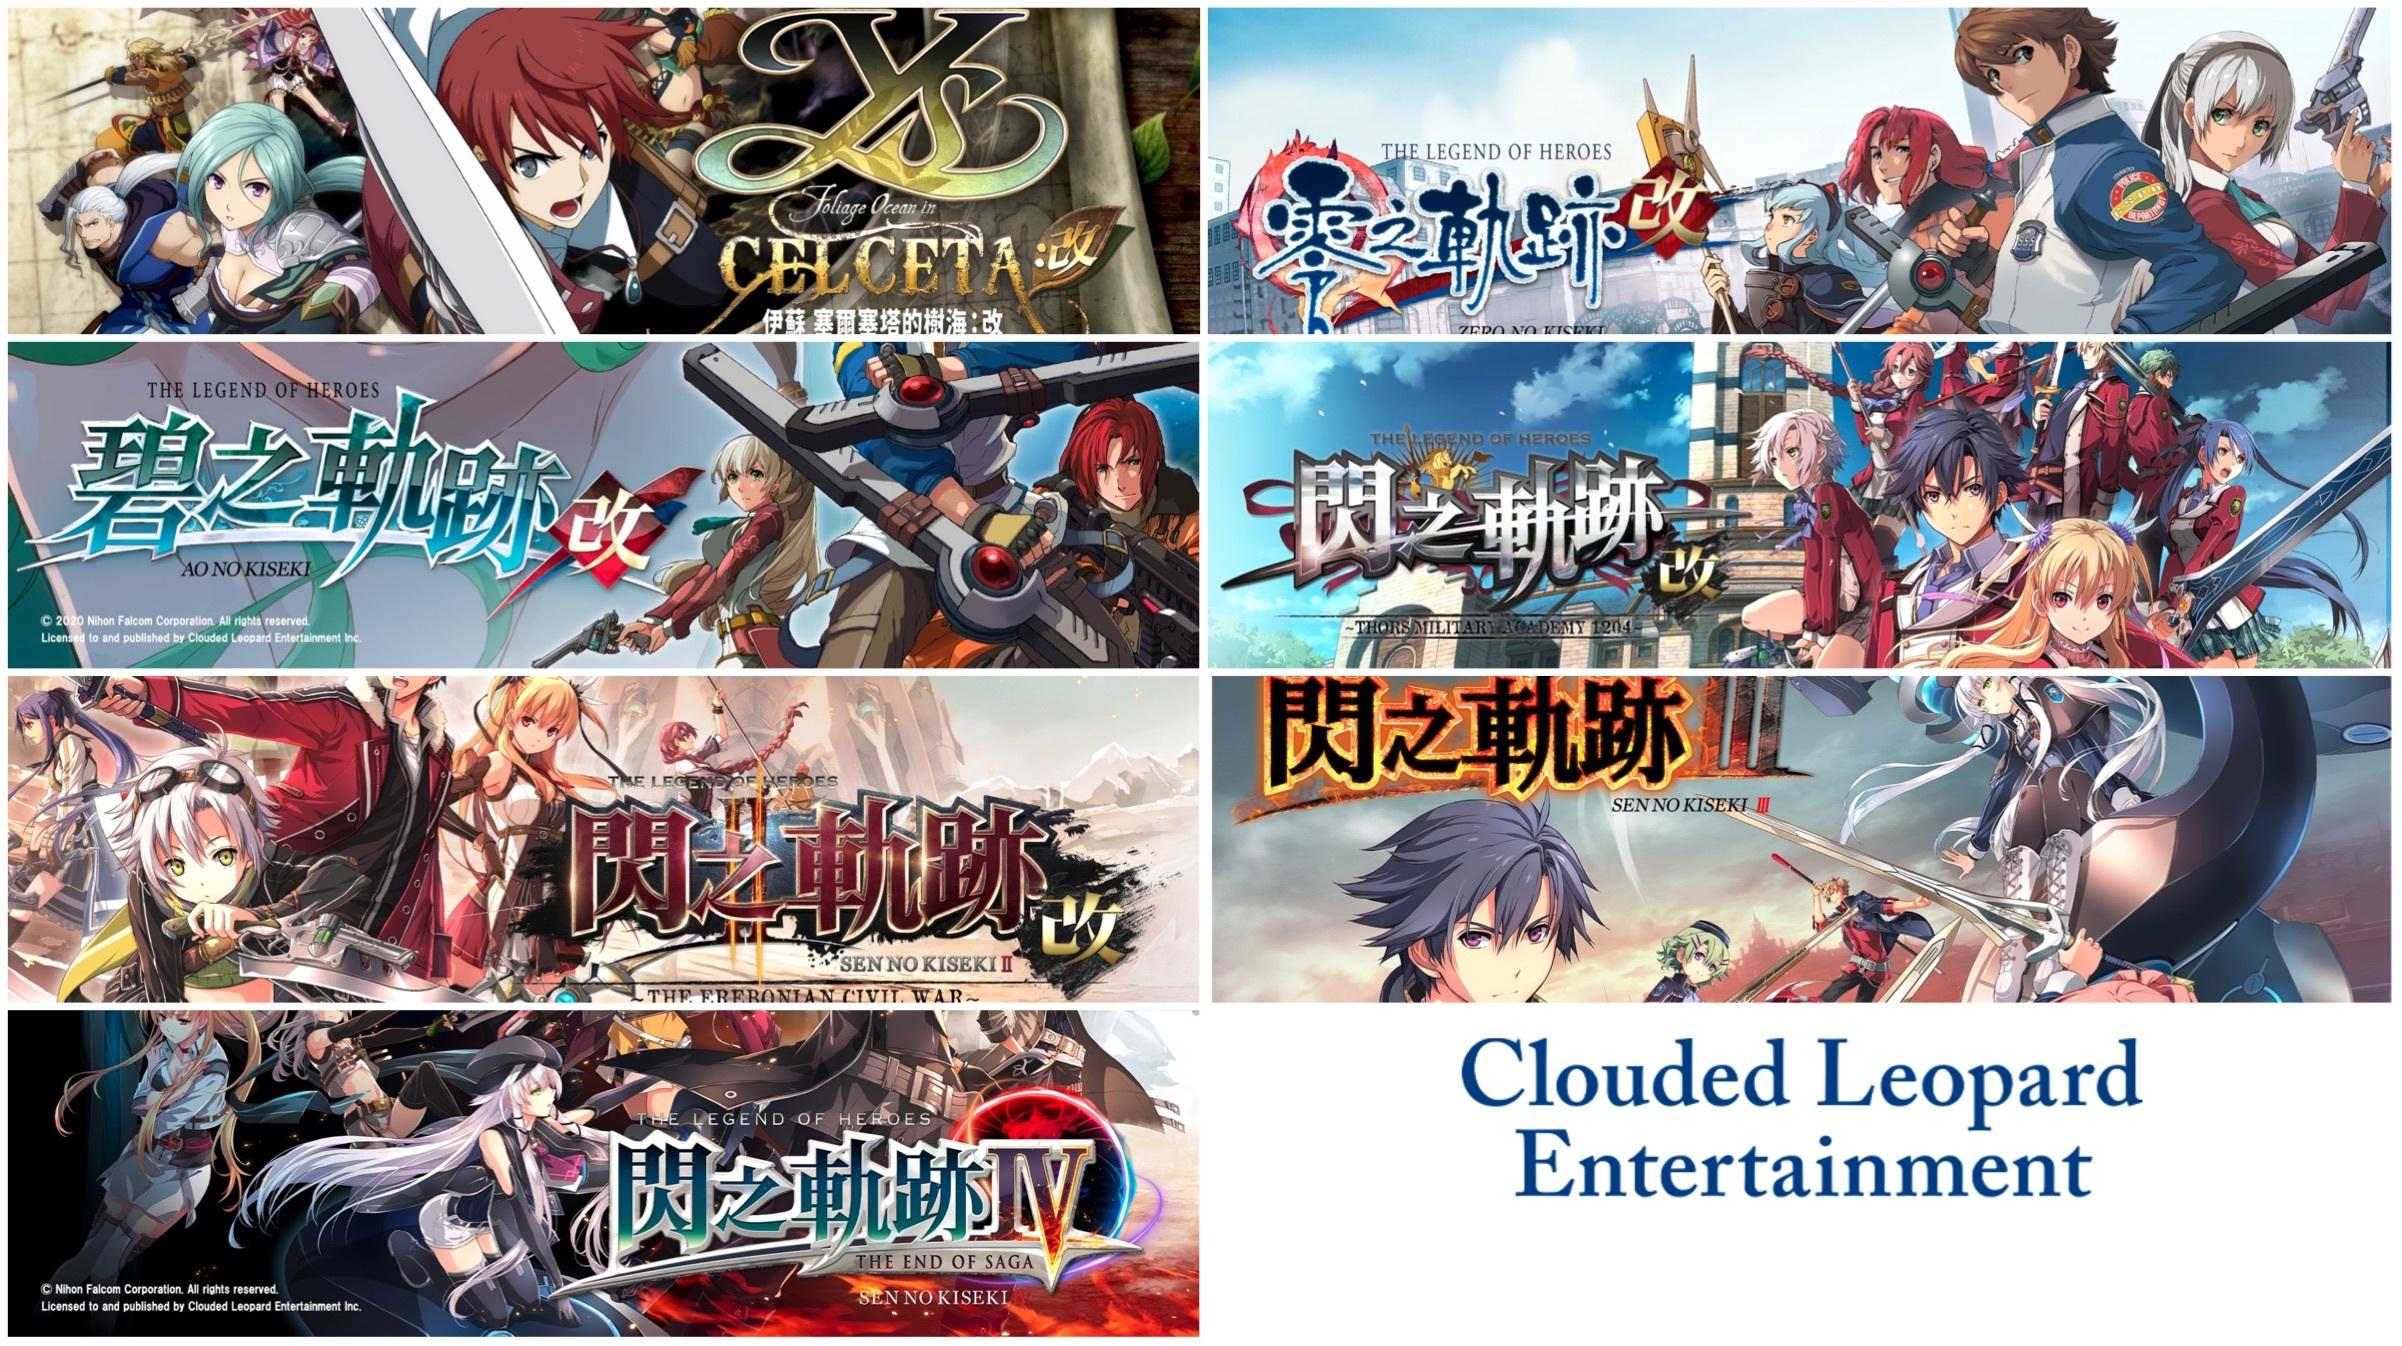 经典游戏《伊苏》以及《英雄传说》中文化公布!《闪轨》系列将会登上Steam!-四斋社